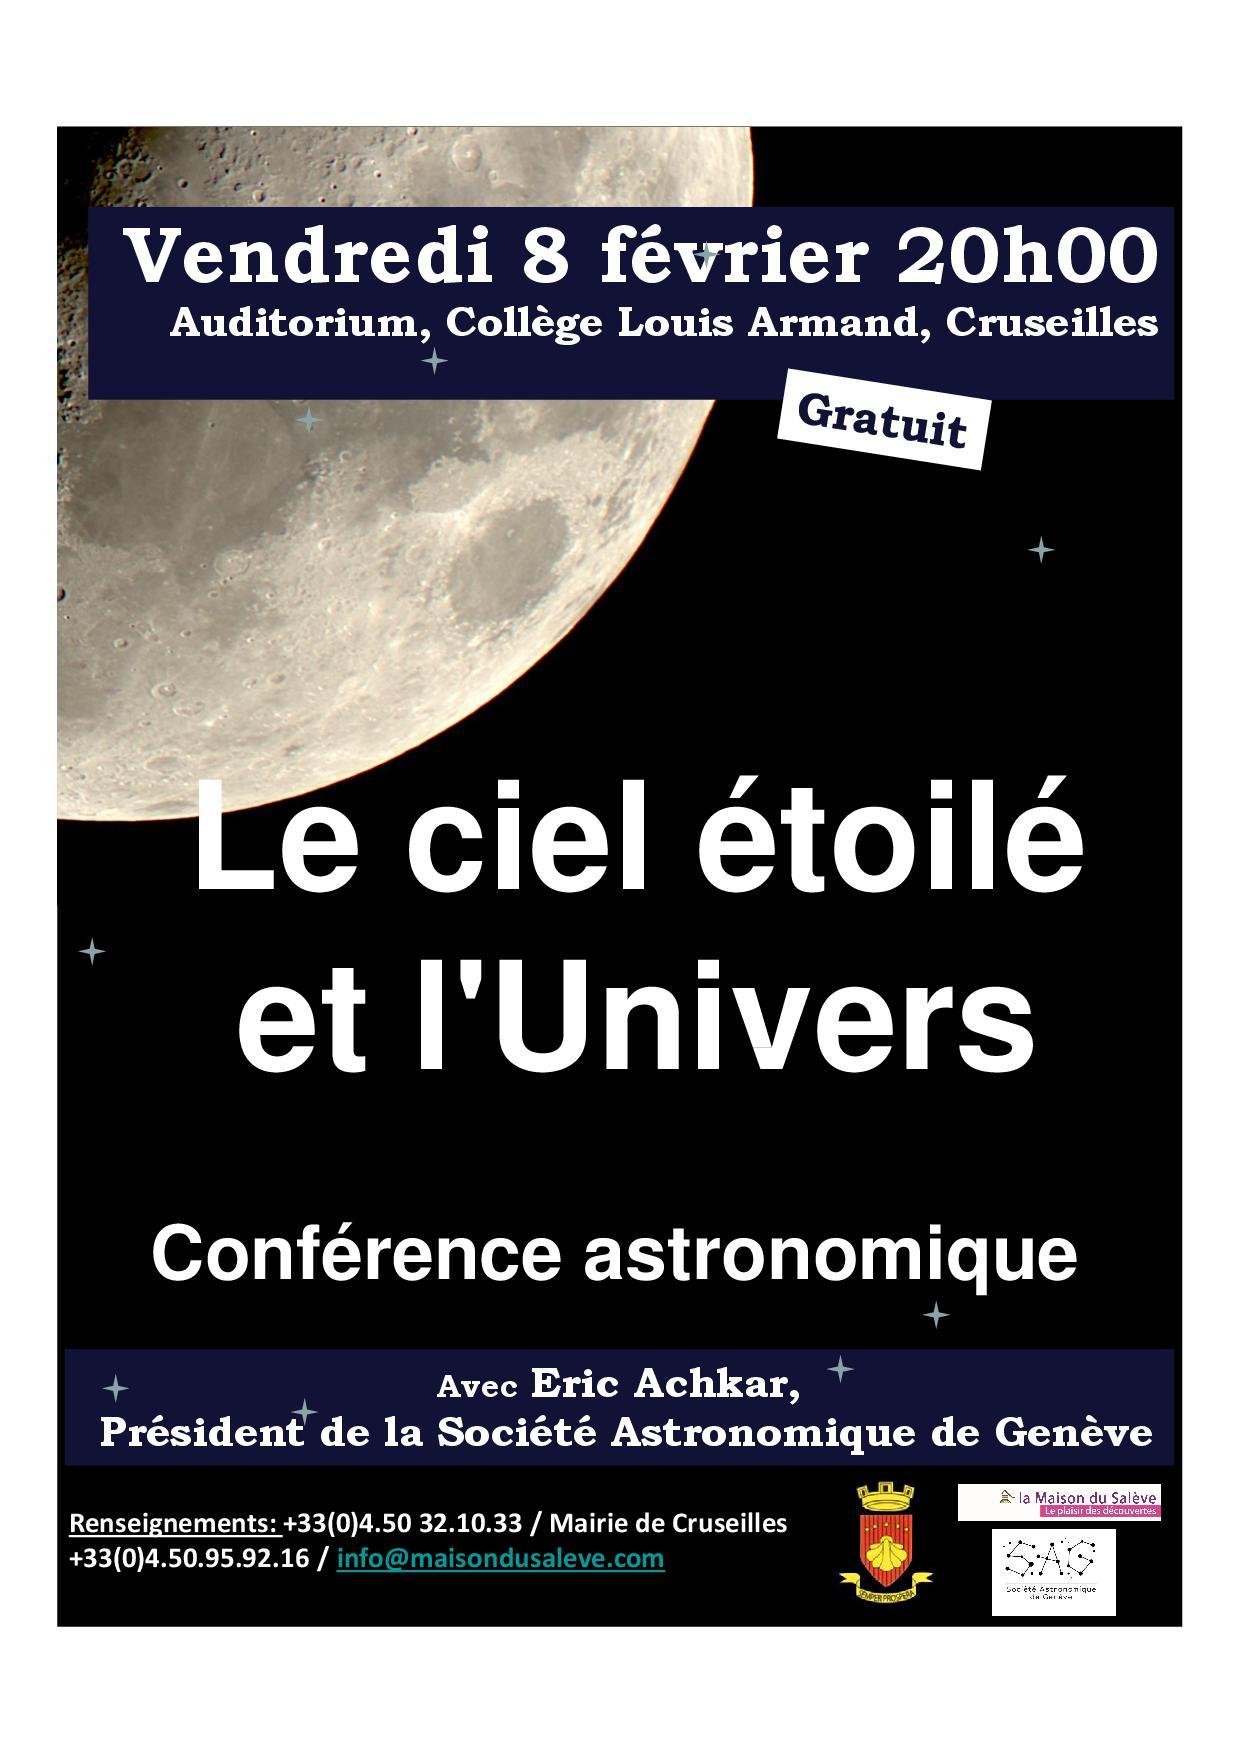 Conférence le ciel étoilé et l'univers, 08-02-2019